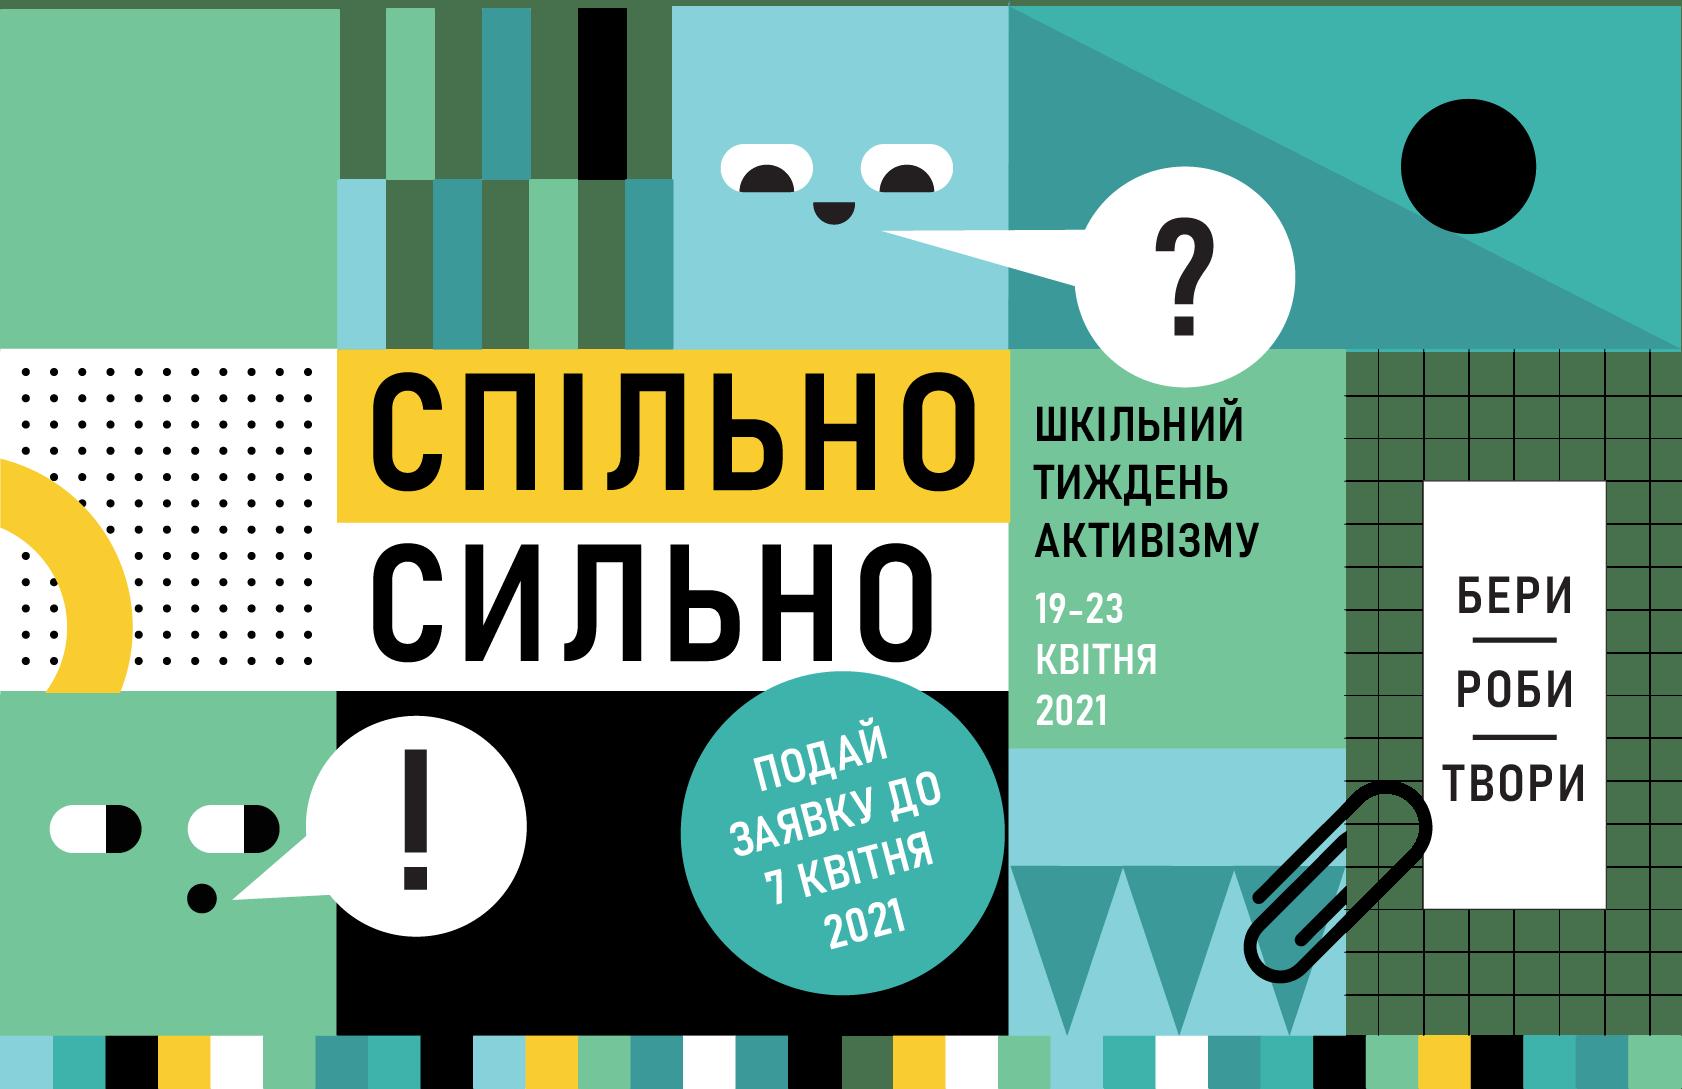 Всеукраїнський шкільний тиждень активізму #СпільноСильно